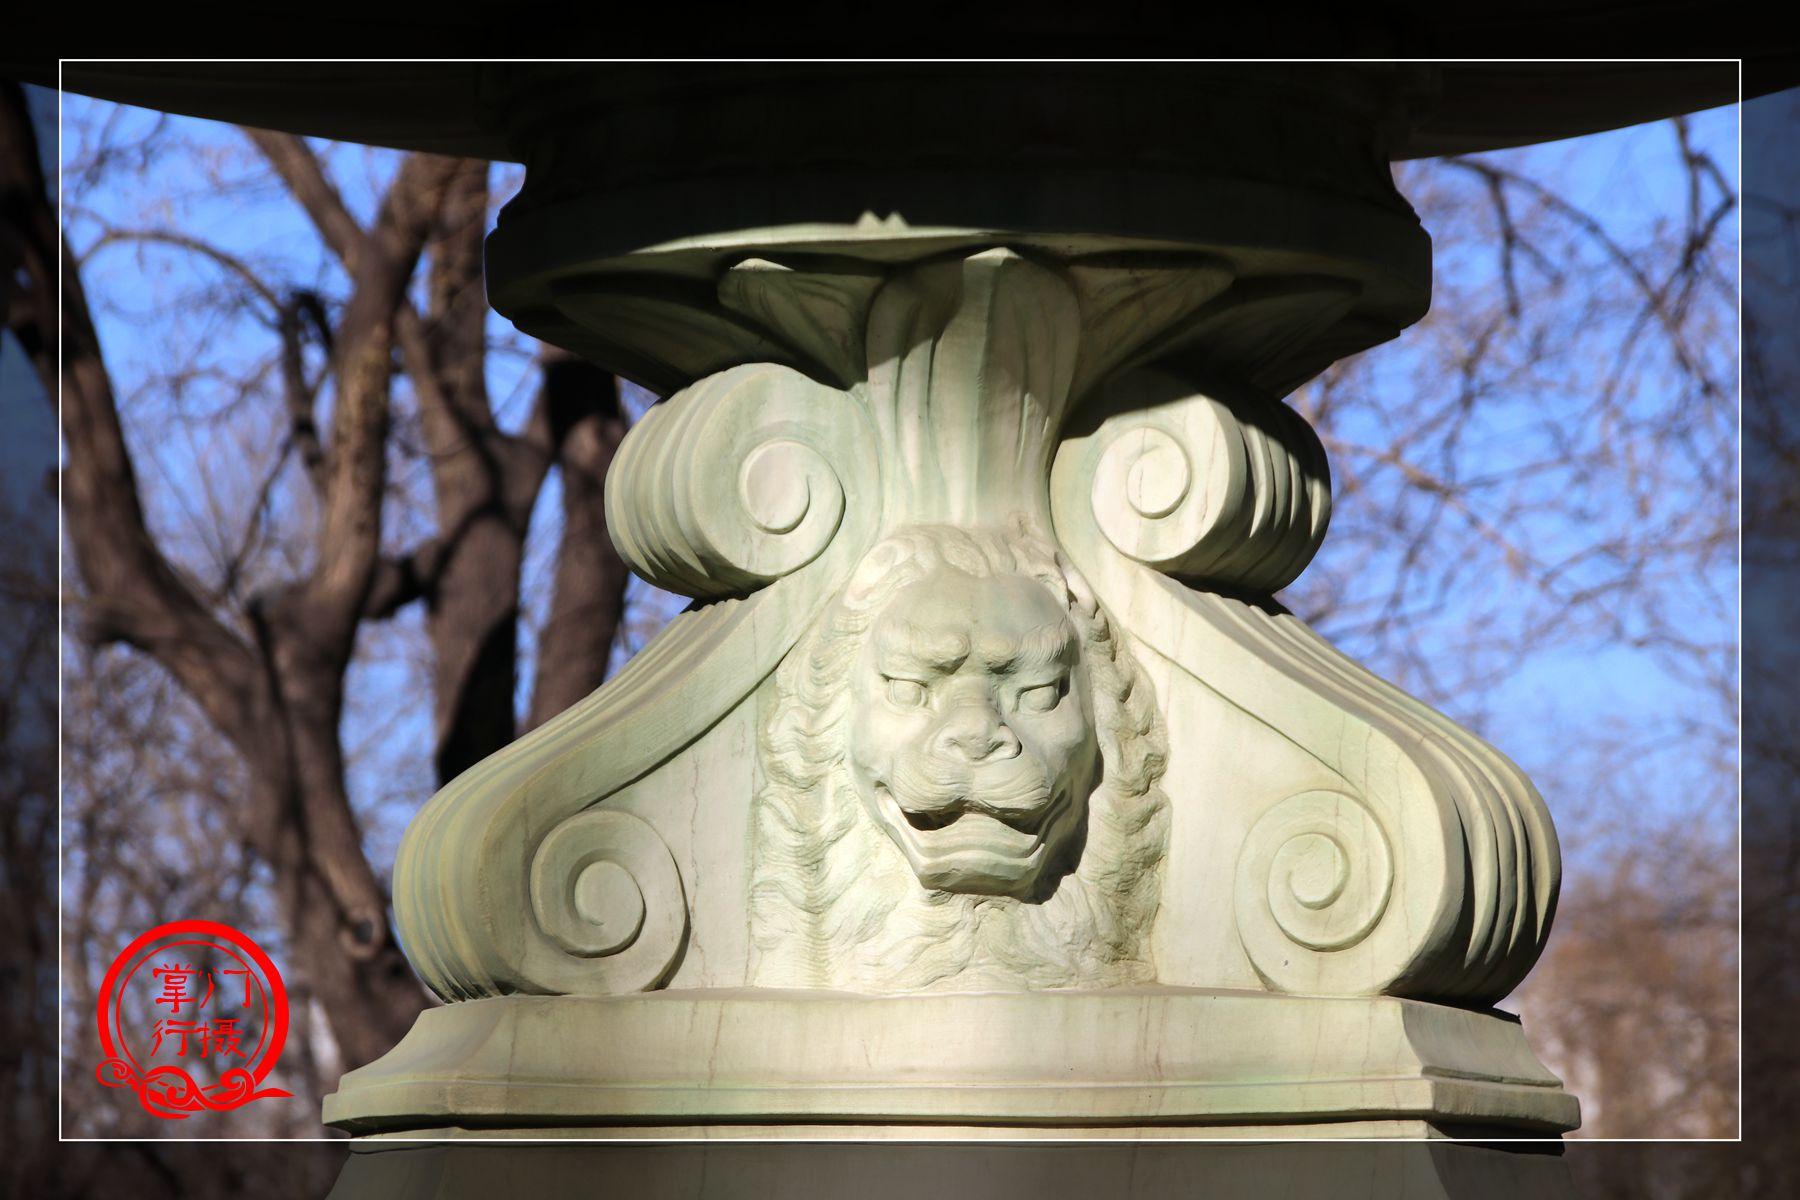 欧式园林建筑不是重点,惟妙惟肖的罗马人体雕塑才能显出别样美感